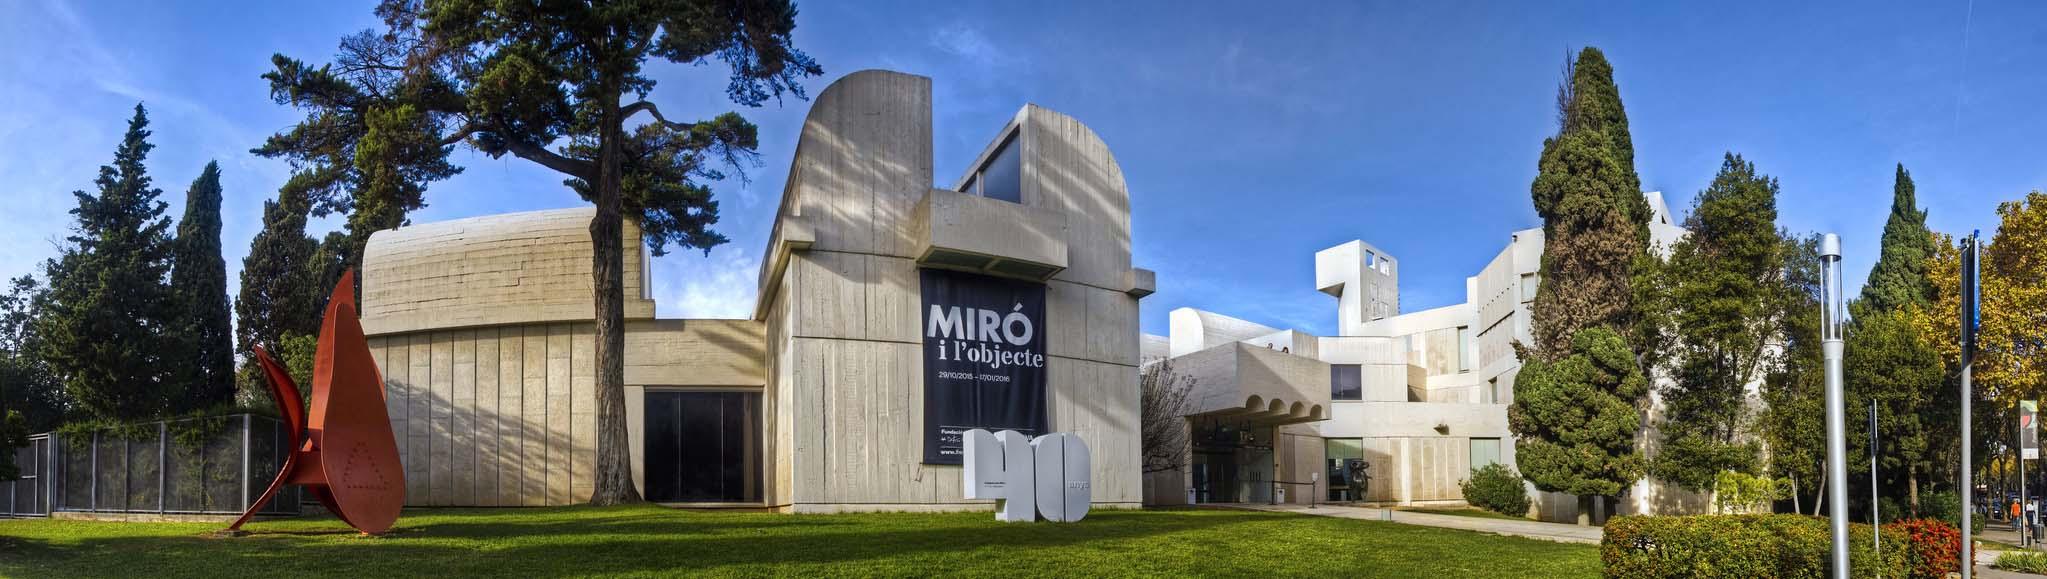 Фонд Жоана Миро, Барселона